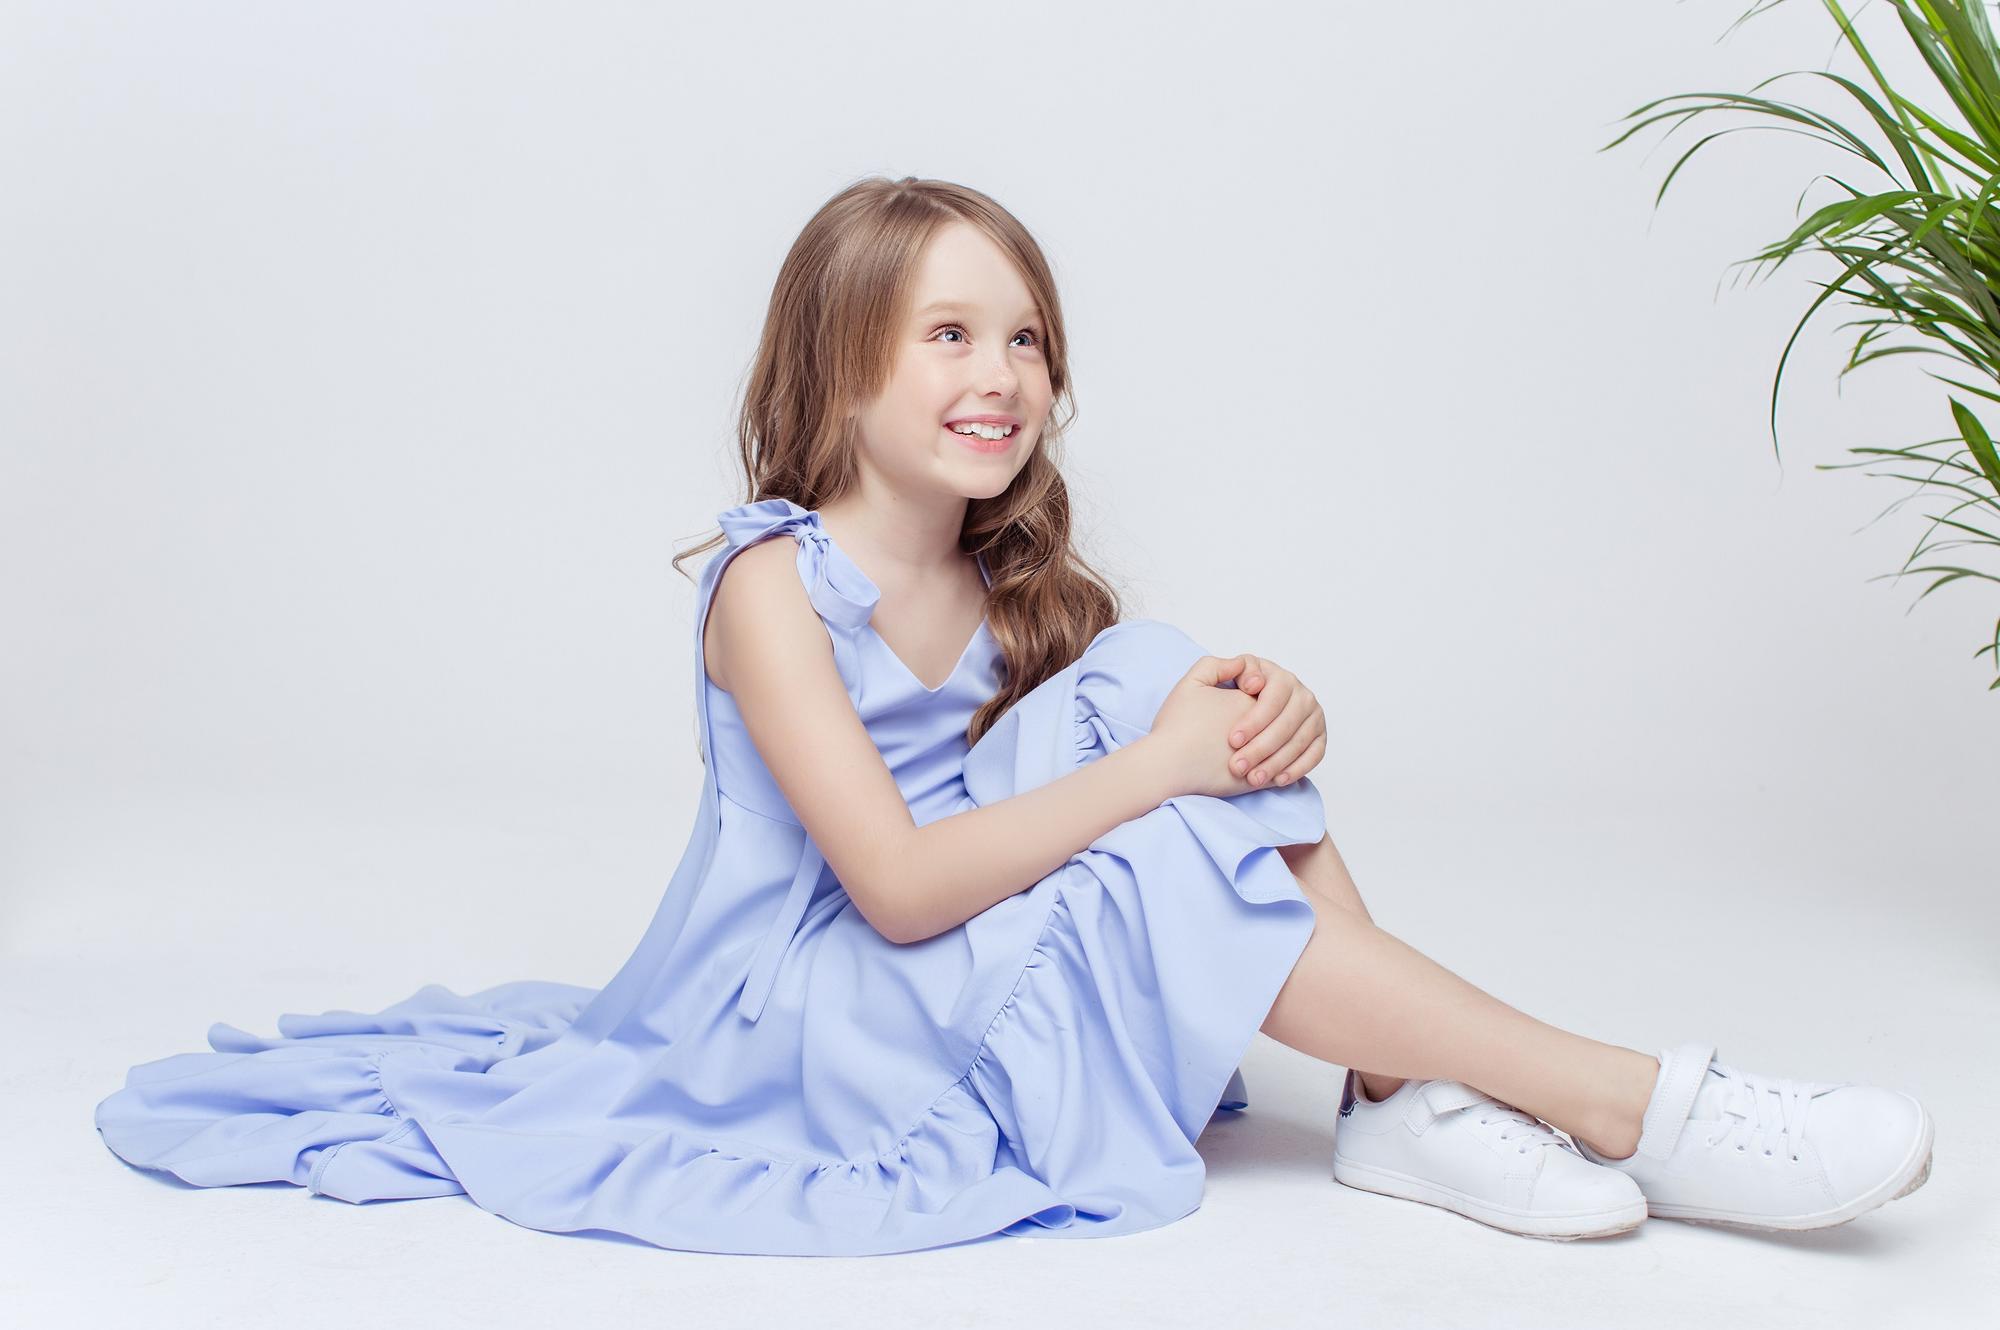 Sukienka Mia - Domino.little.dress